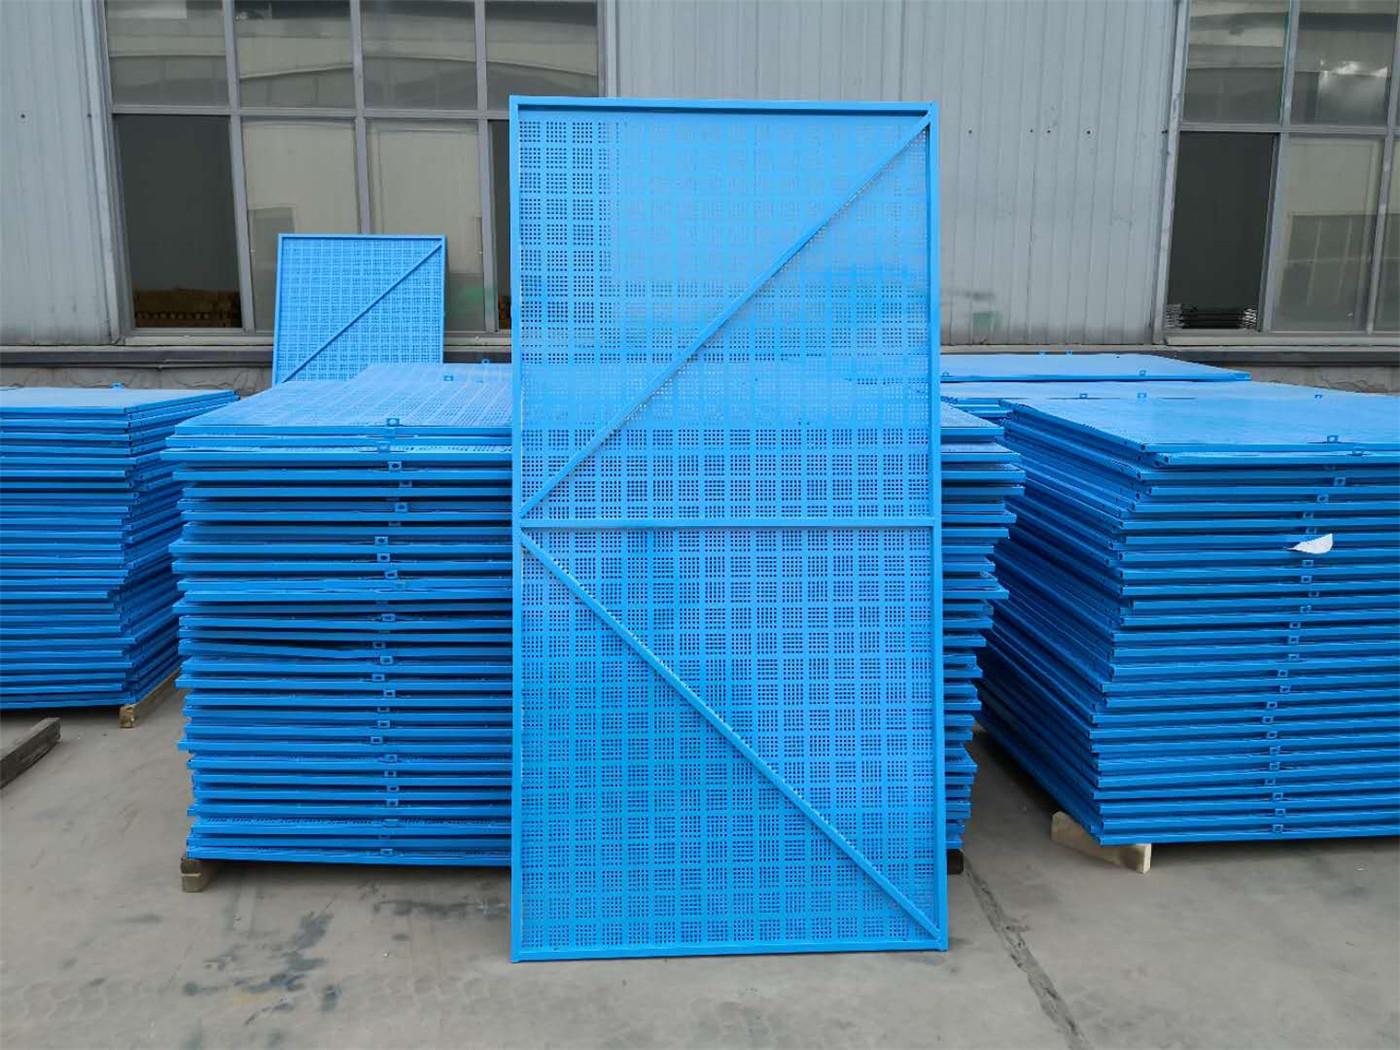 工厂现货爬架网,建筑工地防护网,建筑工地外围网,安全防护网